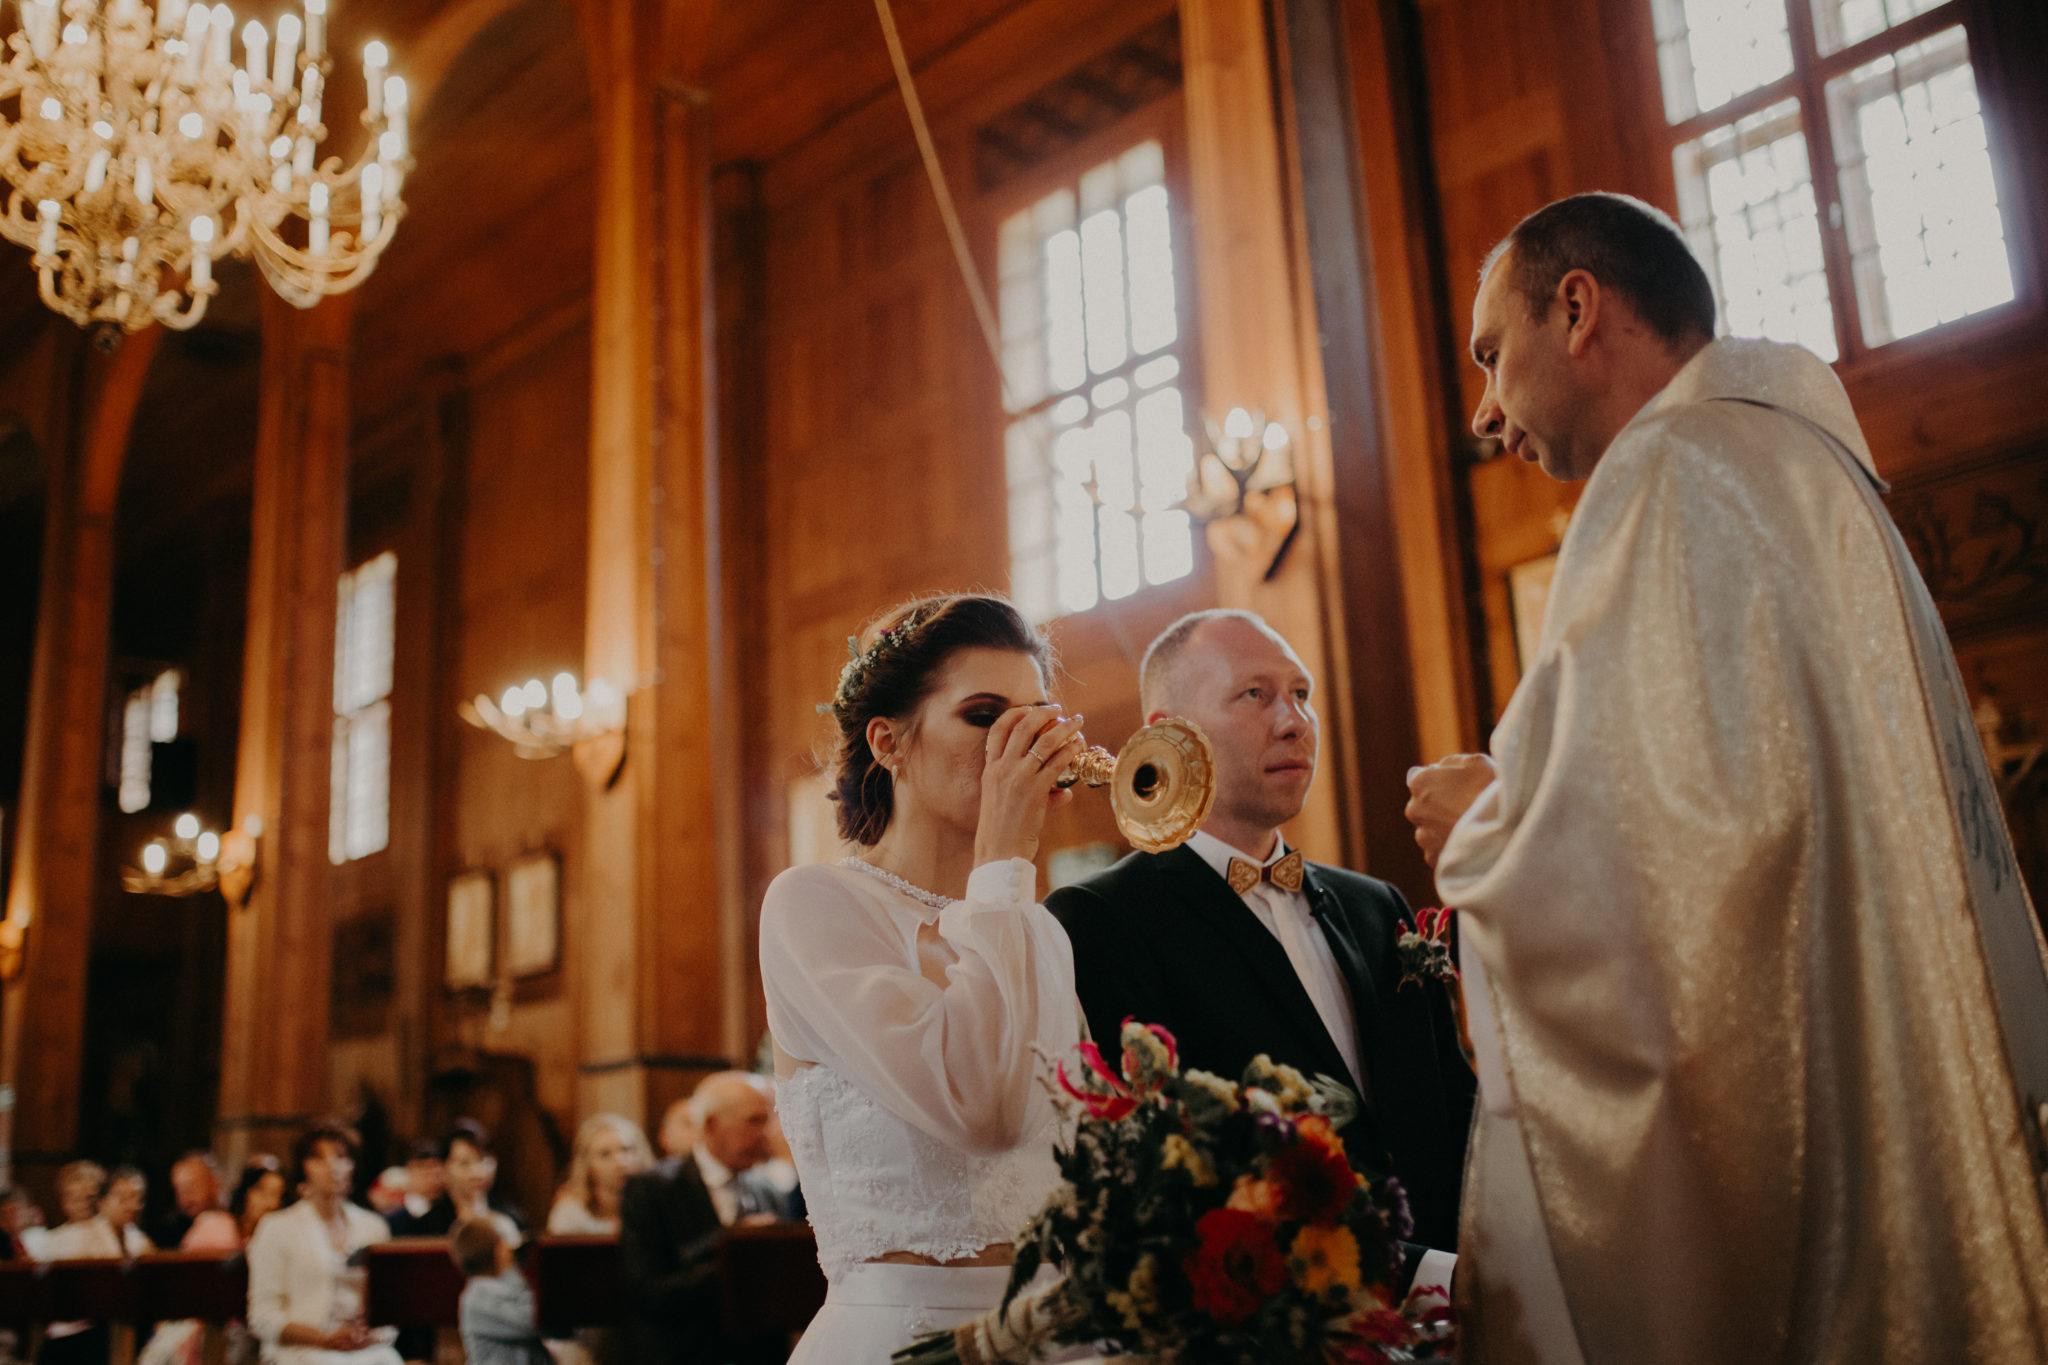 gosia i kuba61 - fotografiagk Fotografia ślubna RK wedding